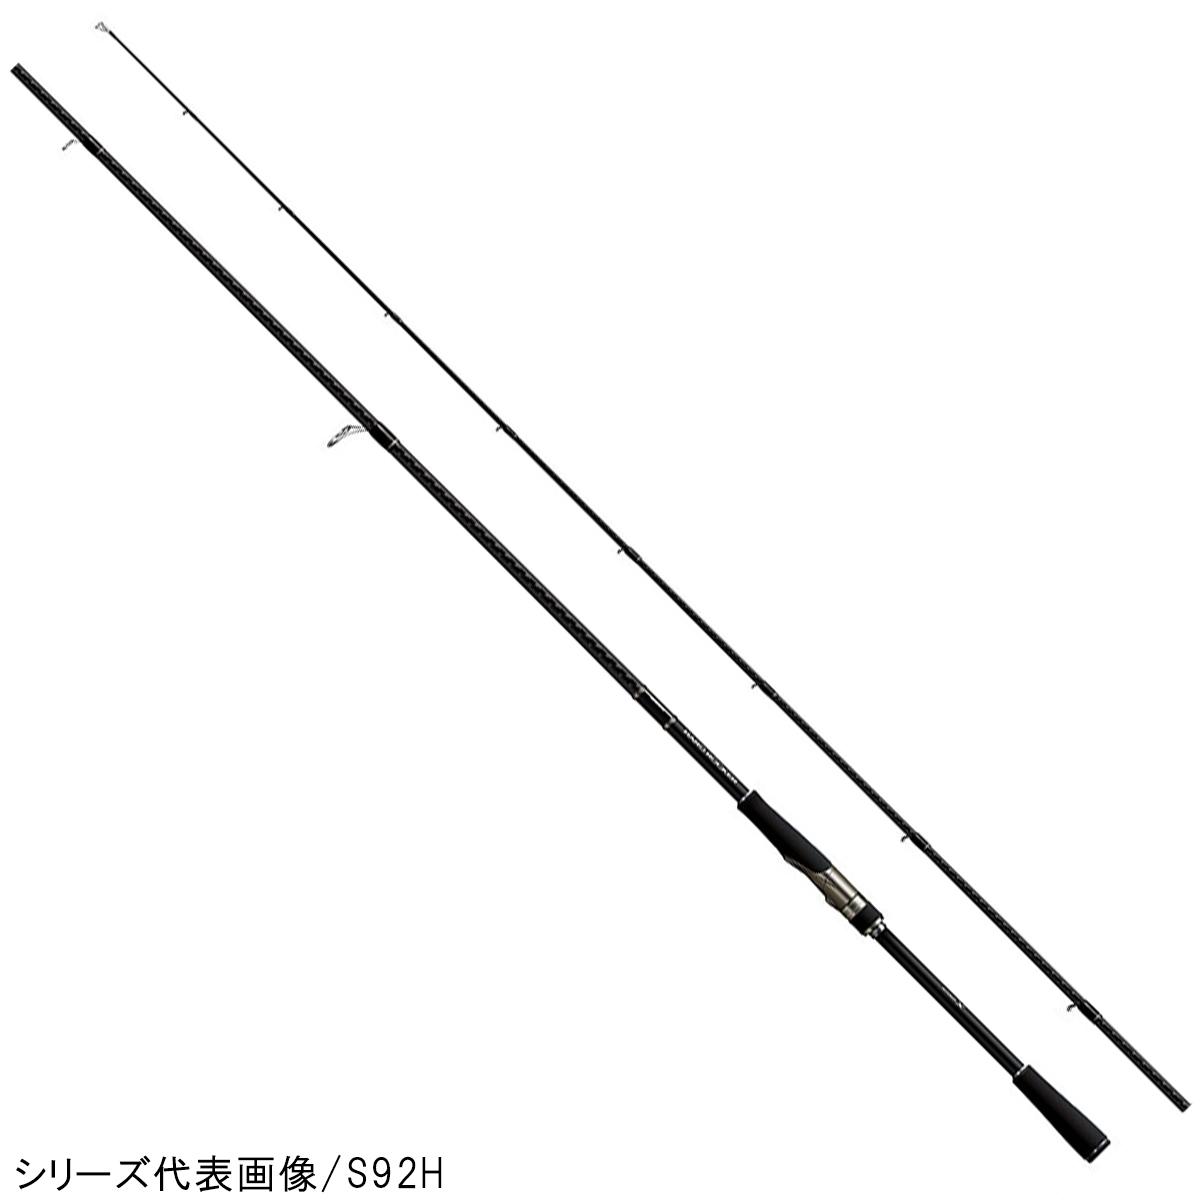 シマノ ハードロッカー S83MH【送料無料】